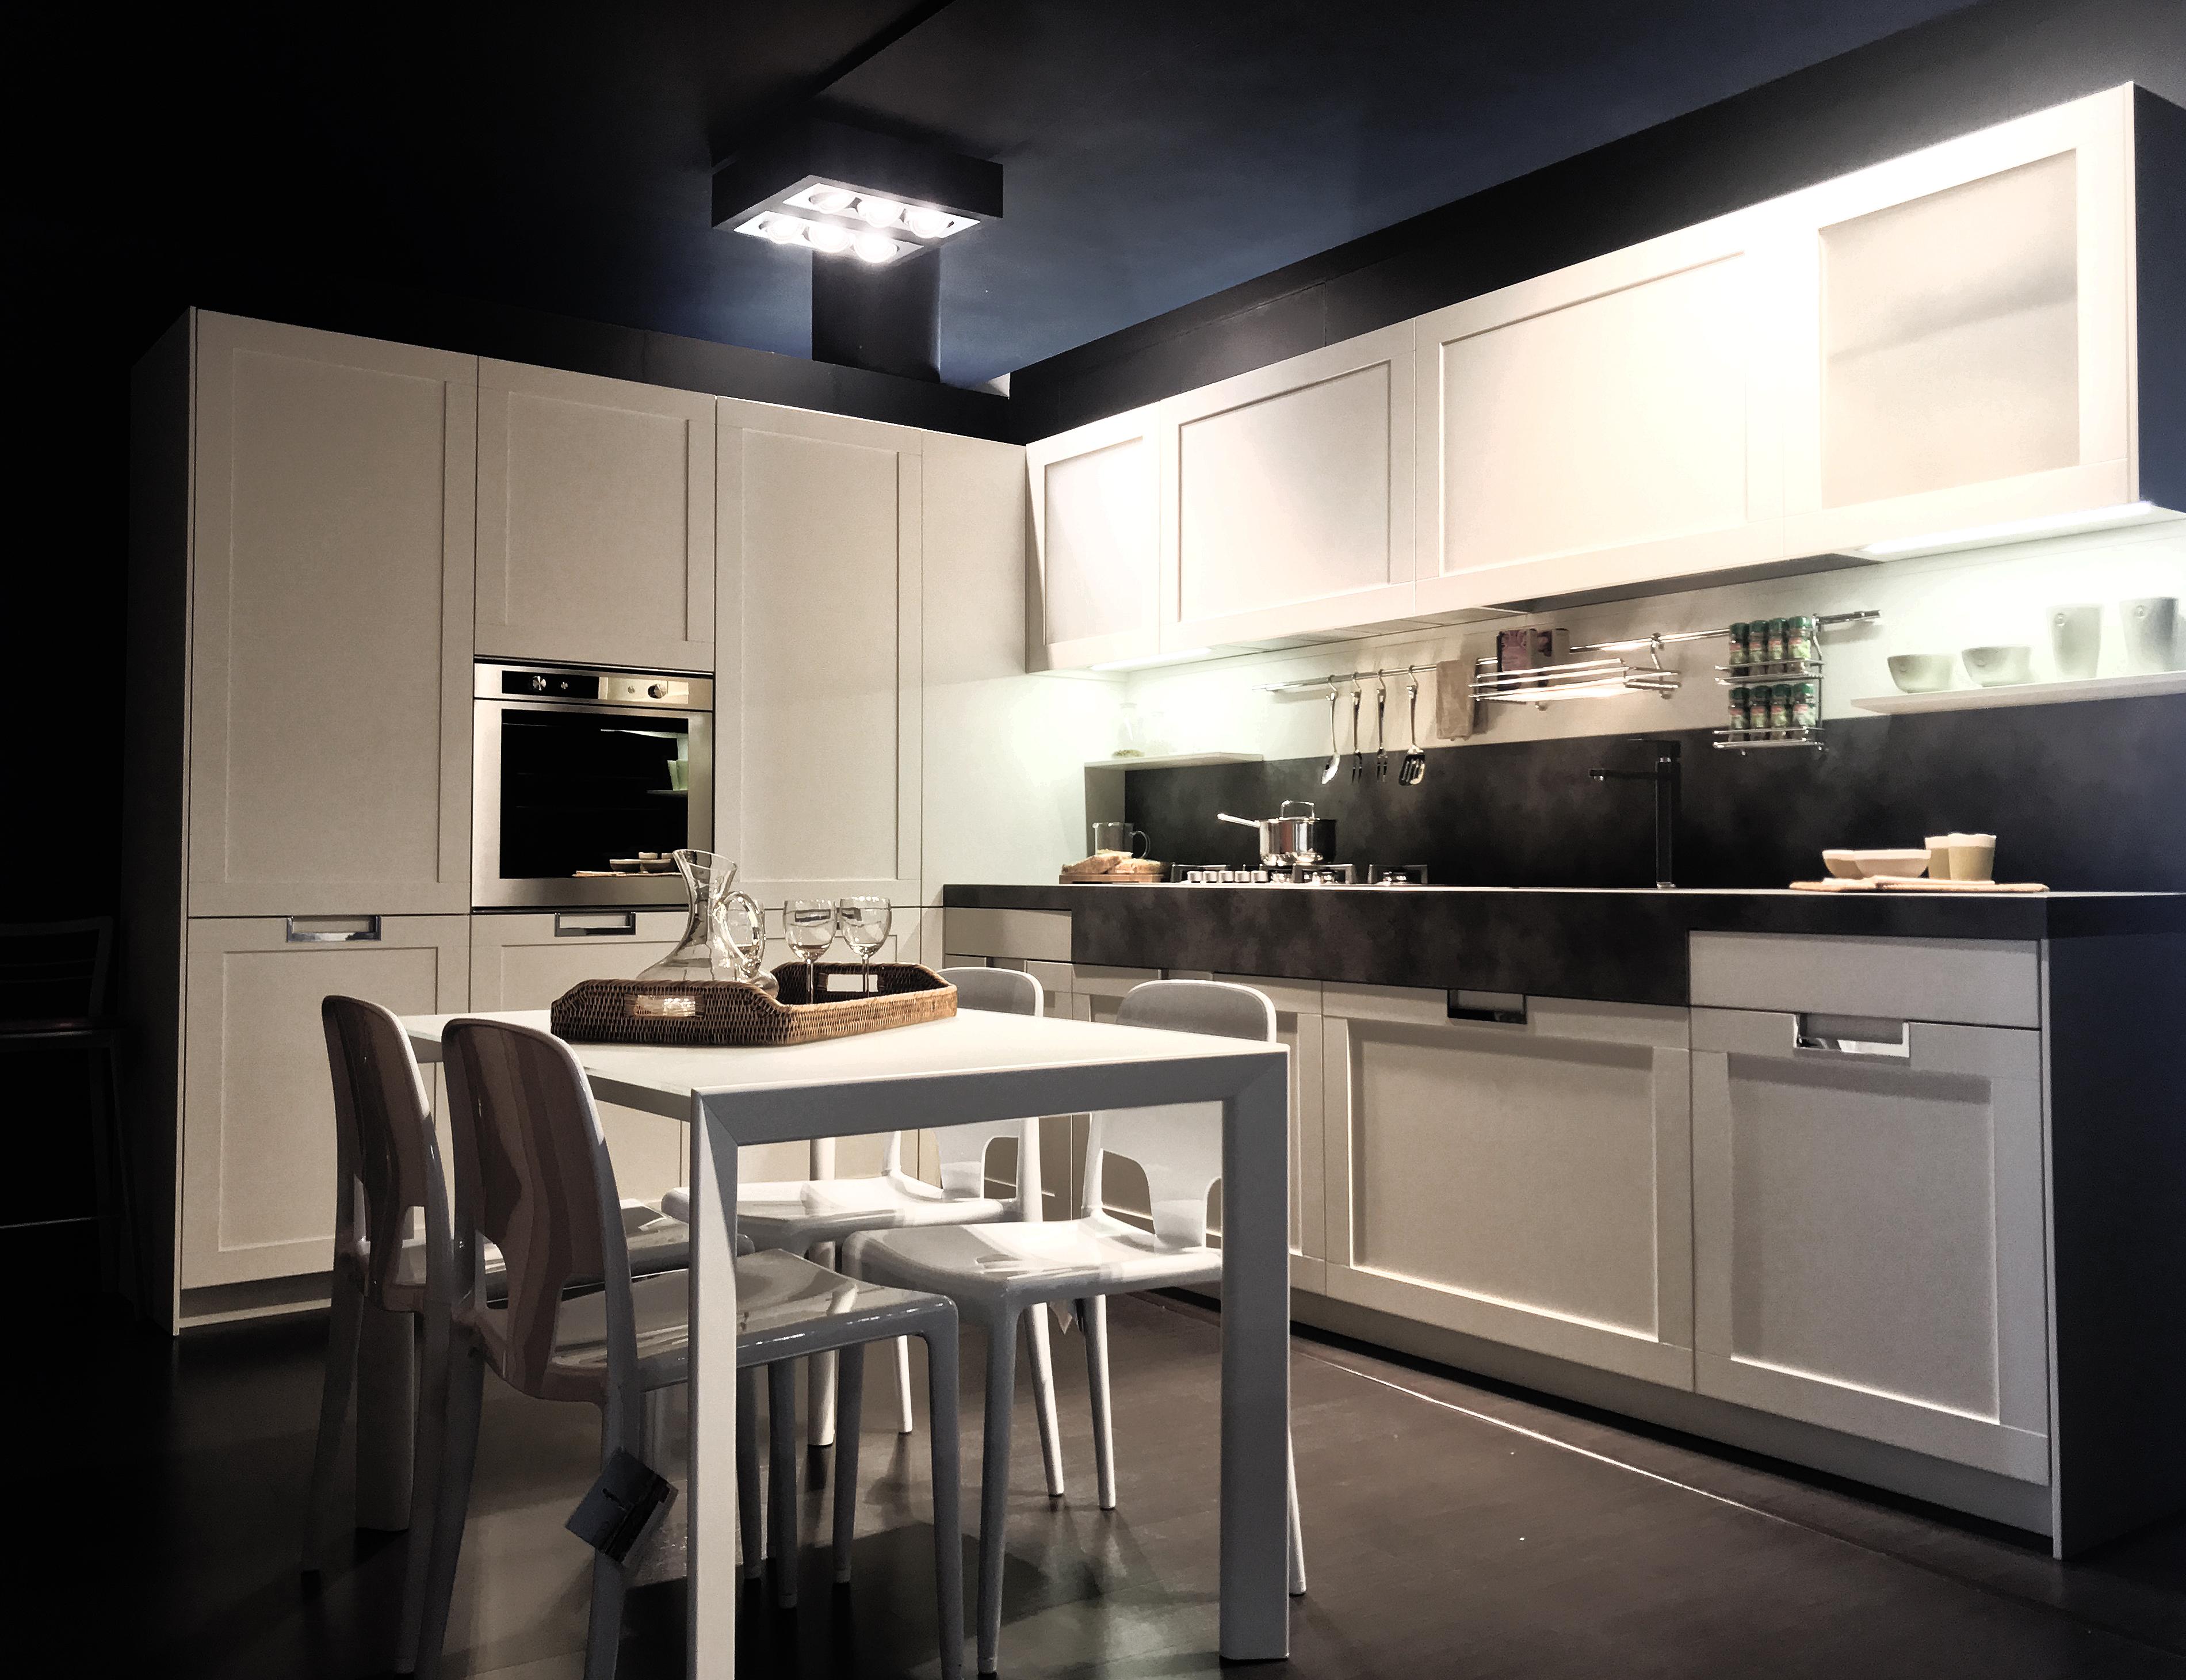 Arredamento Cucine Snaidero.Cucina Snaidero Mod Lux